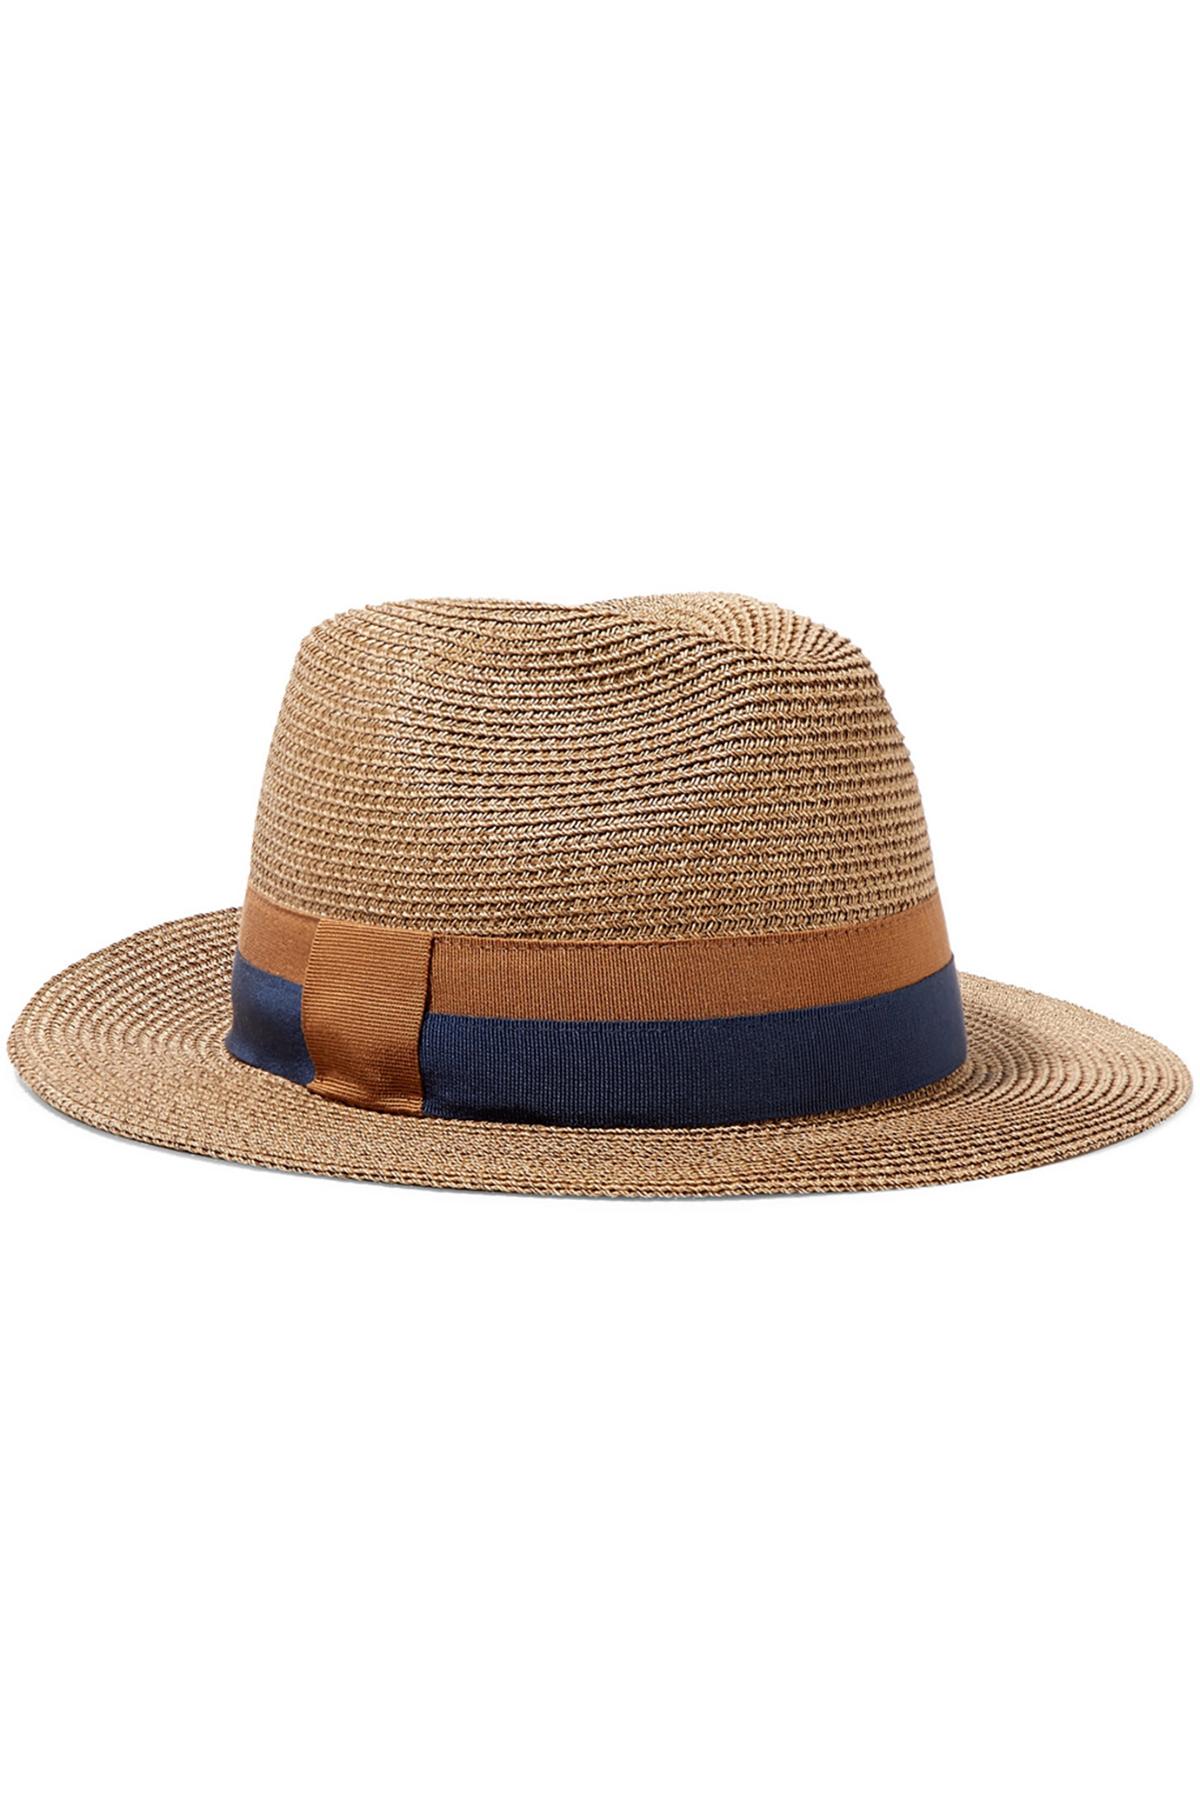 sombrero-rafia-eres. Sombrero de paja bdf9da3a46b